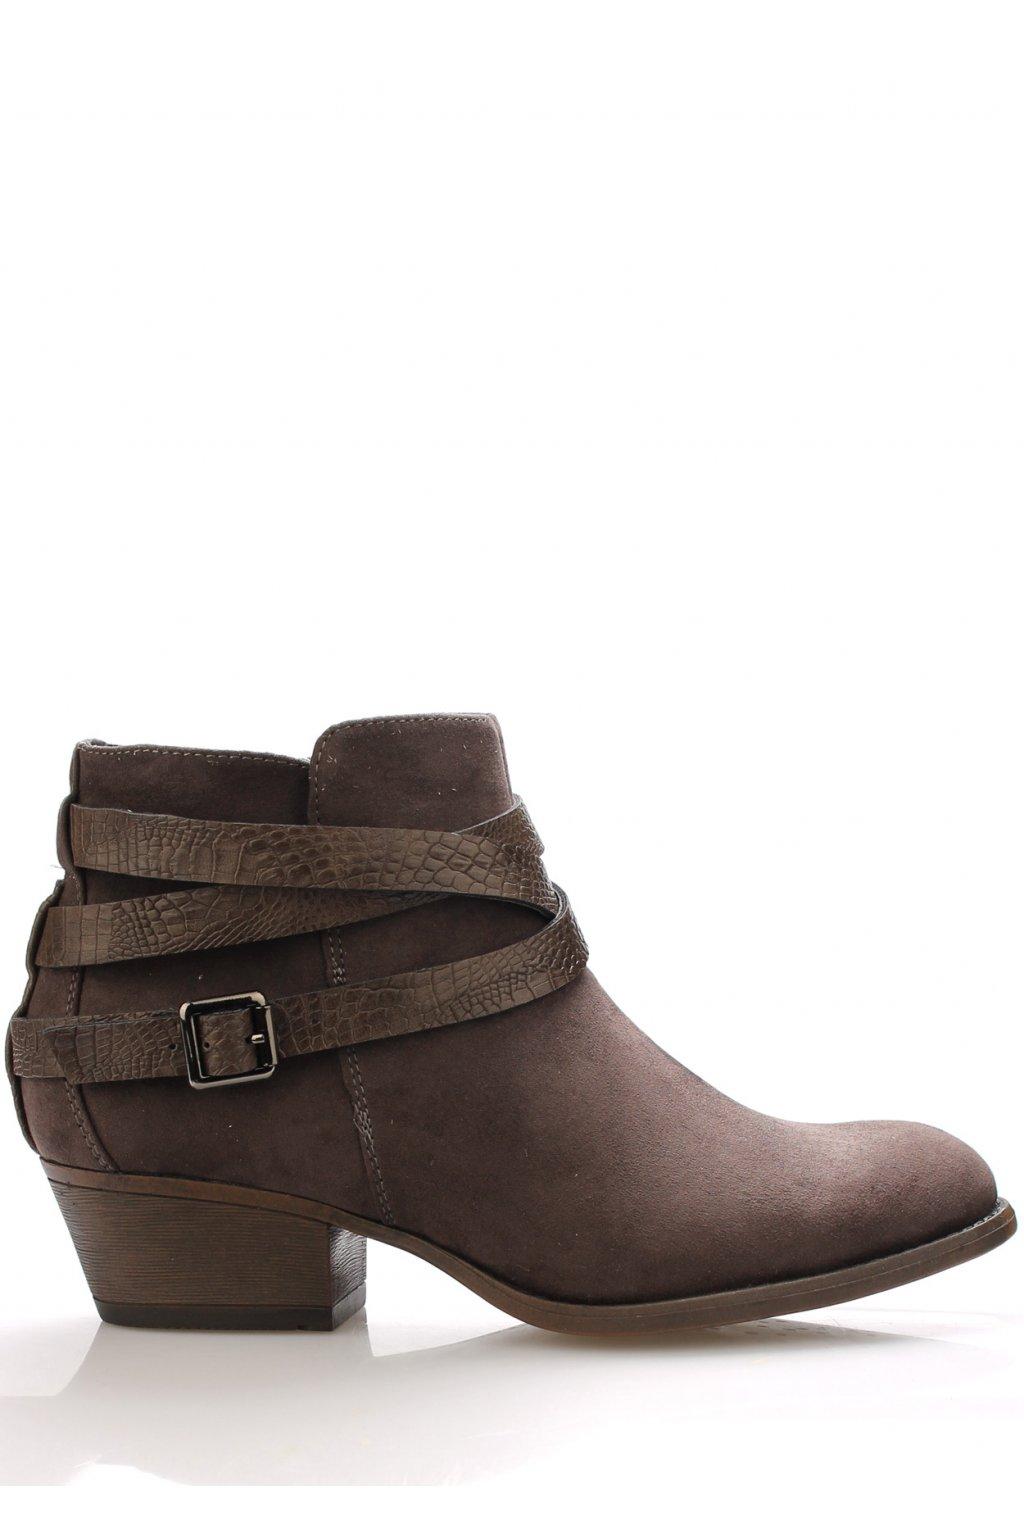 Šedé boty na podpatku s řemínky Claudia Ghizzani